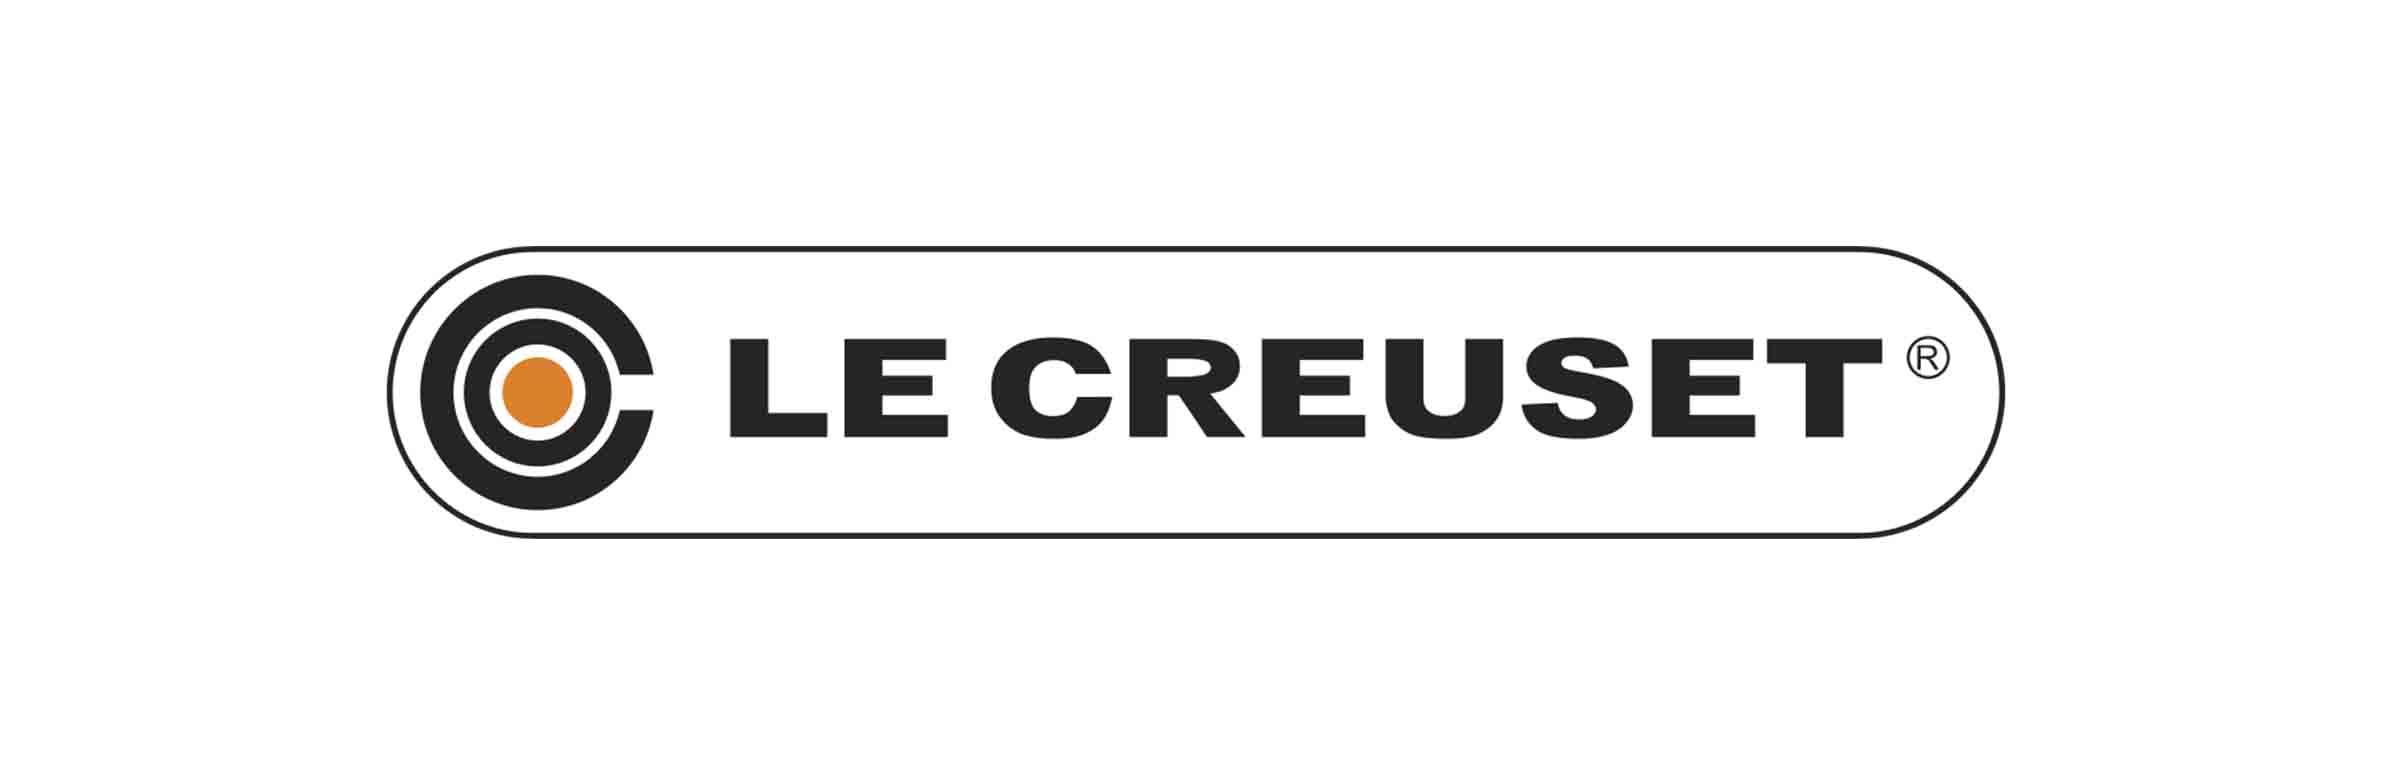 LeCreuset